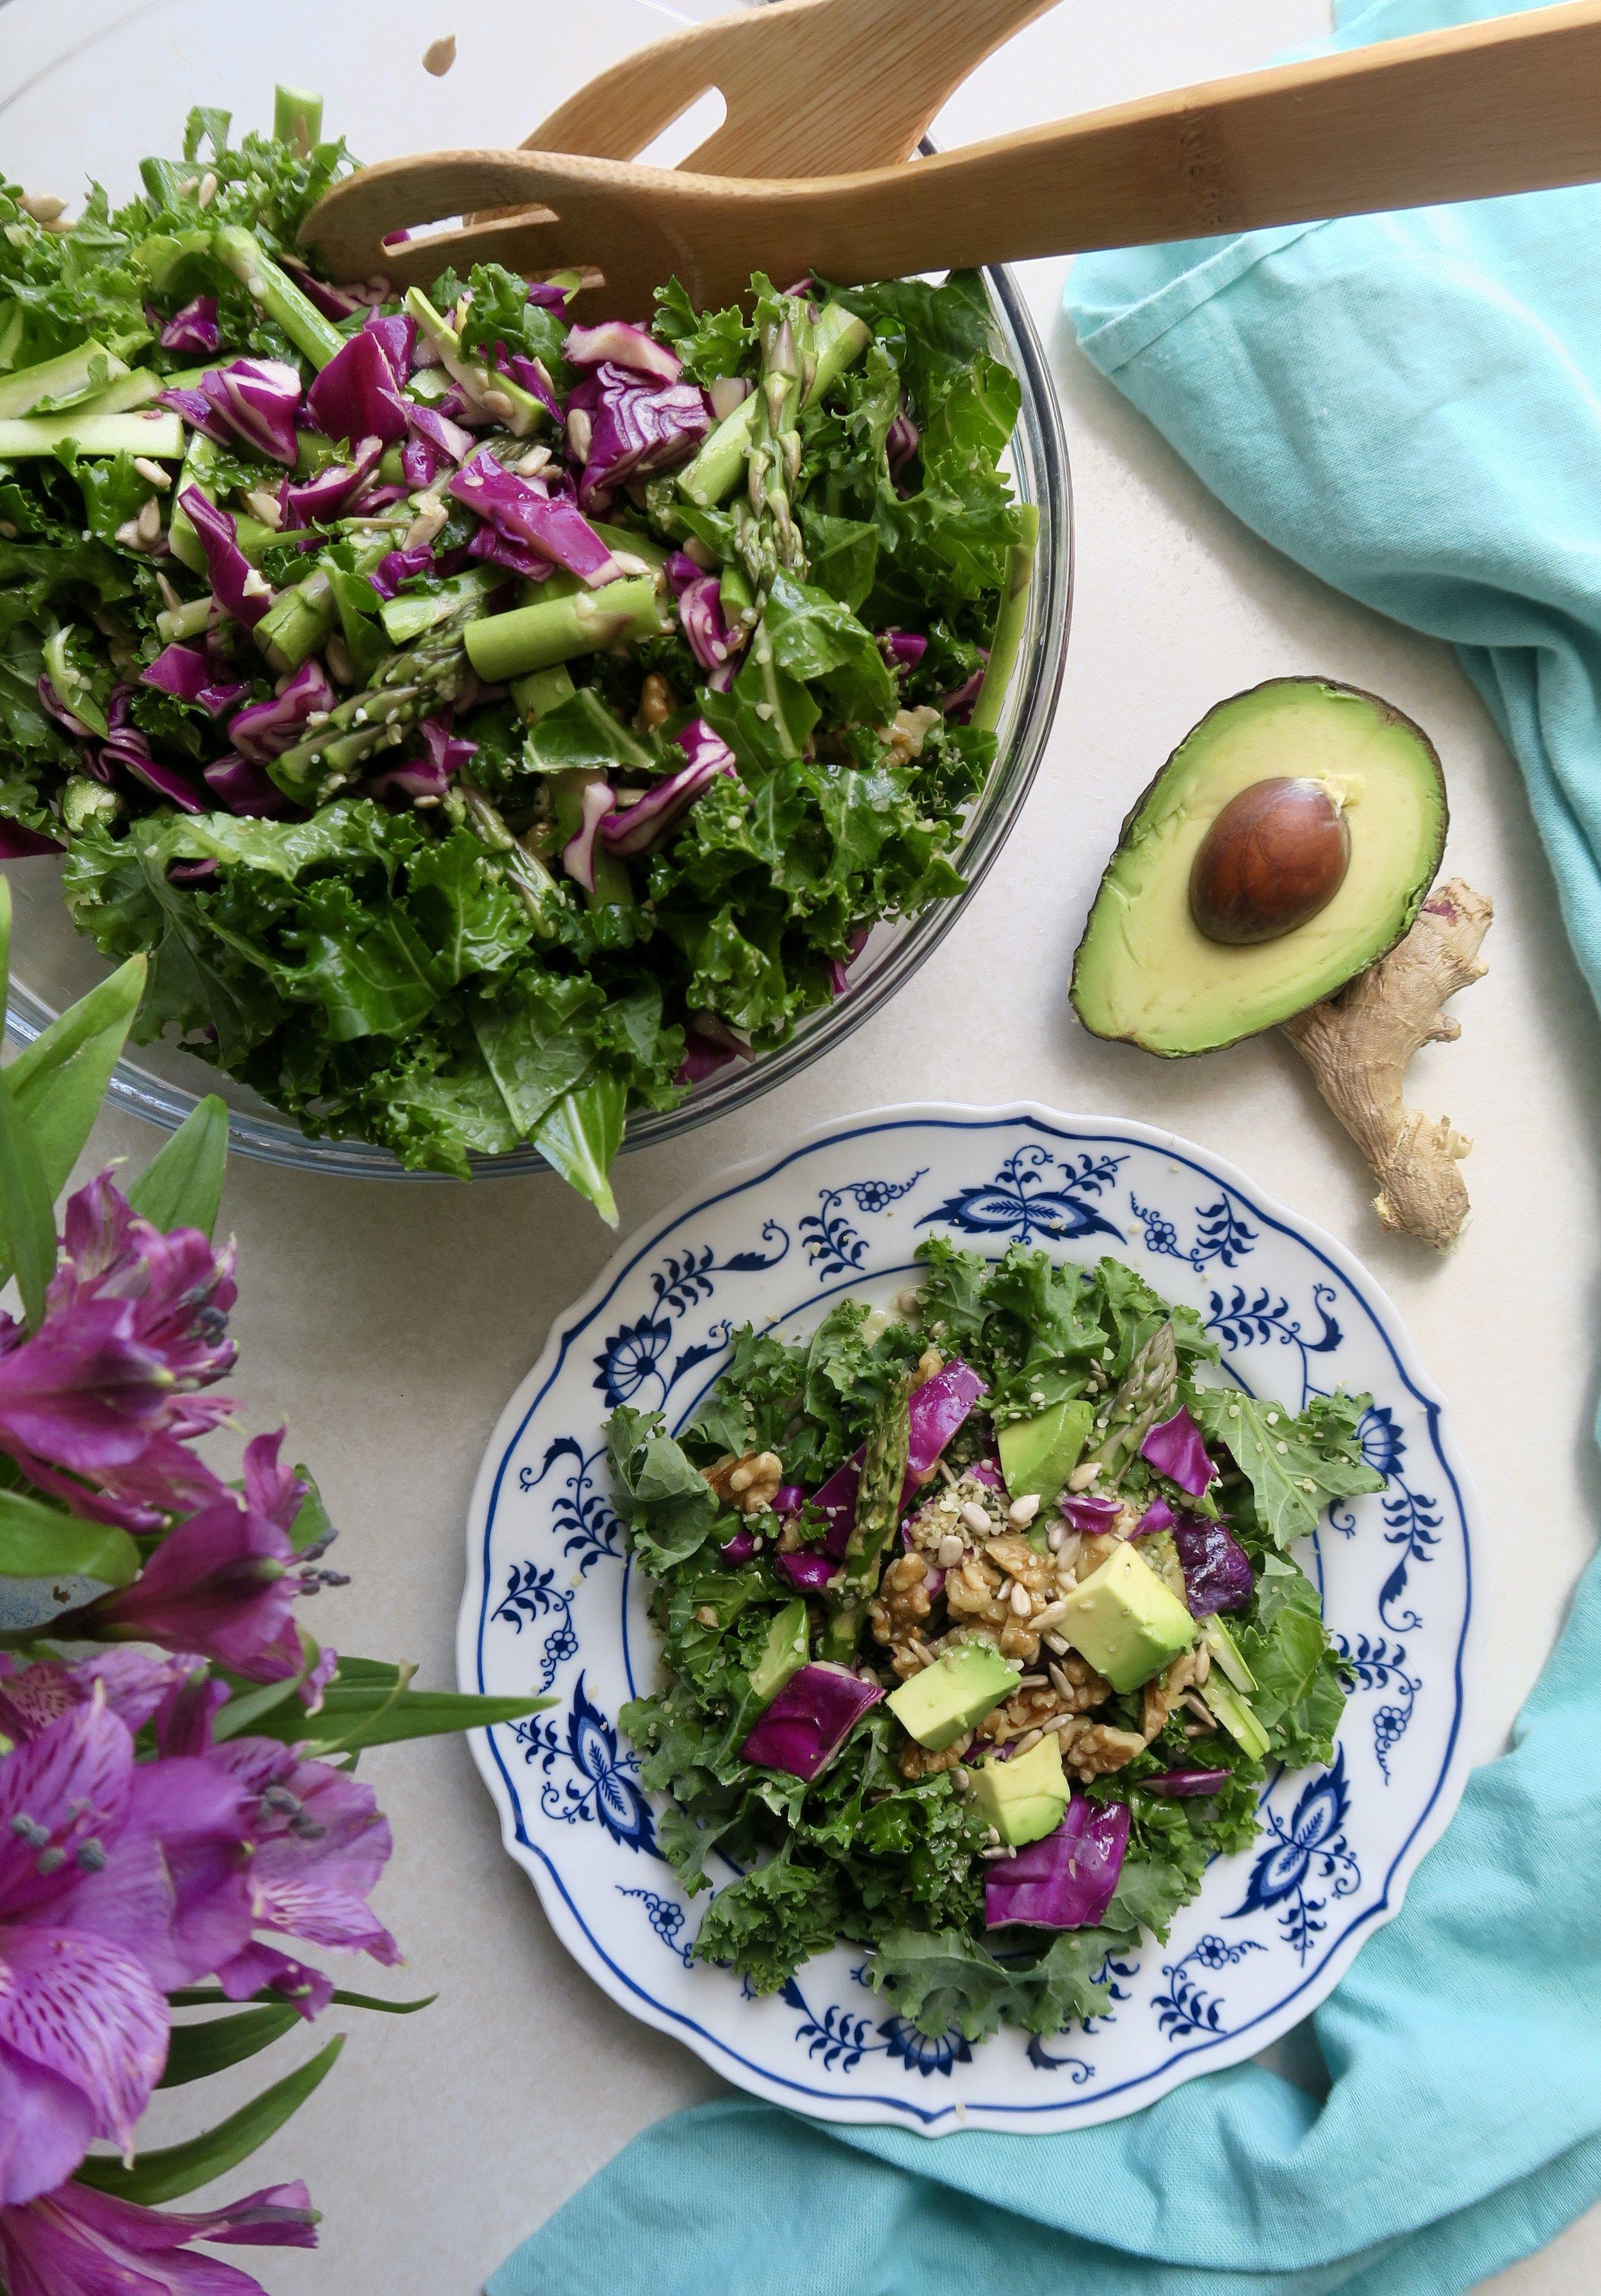 Lake Superior kitchen, duluth food, detox salad, kale, cabbage